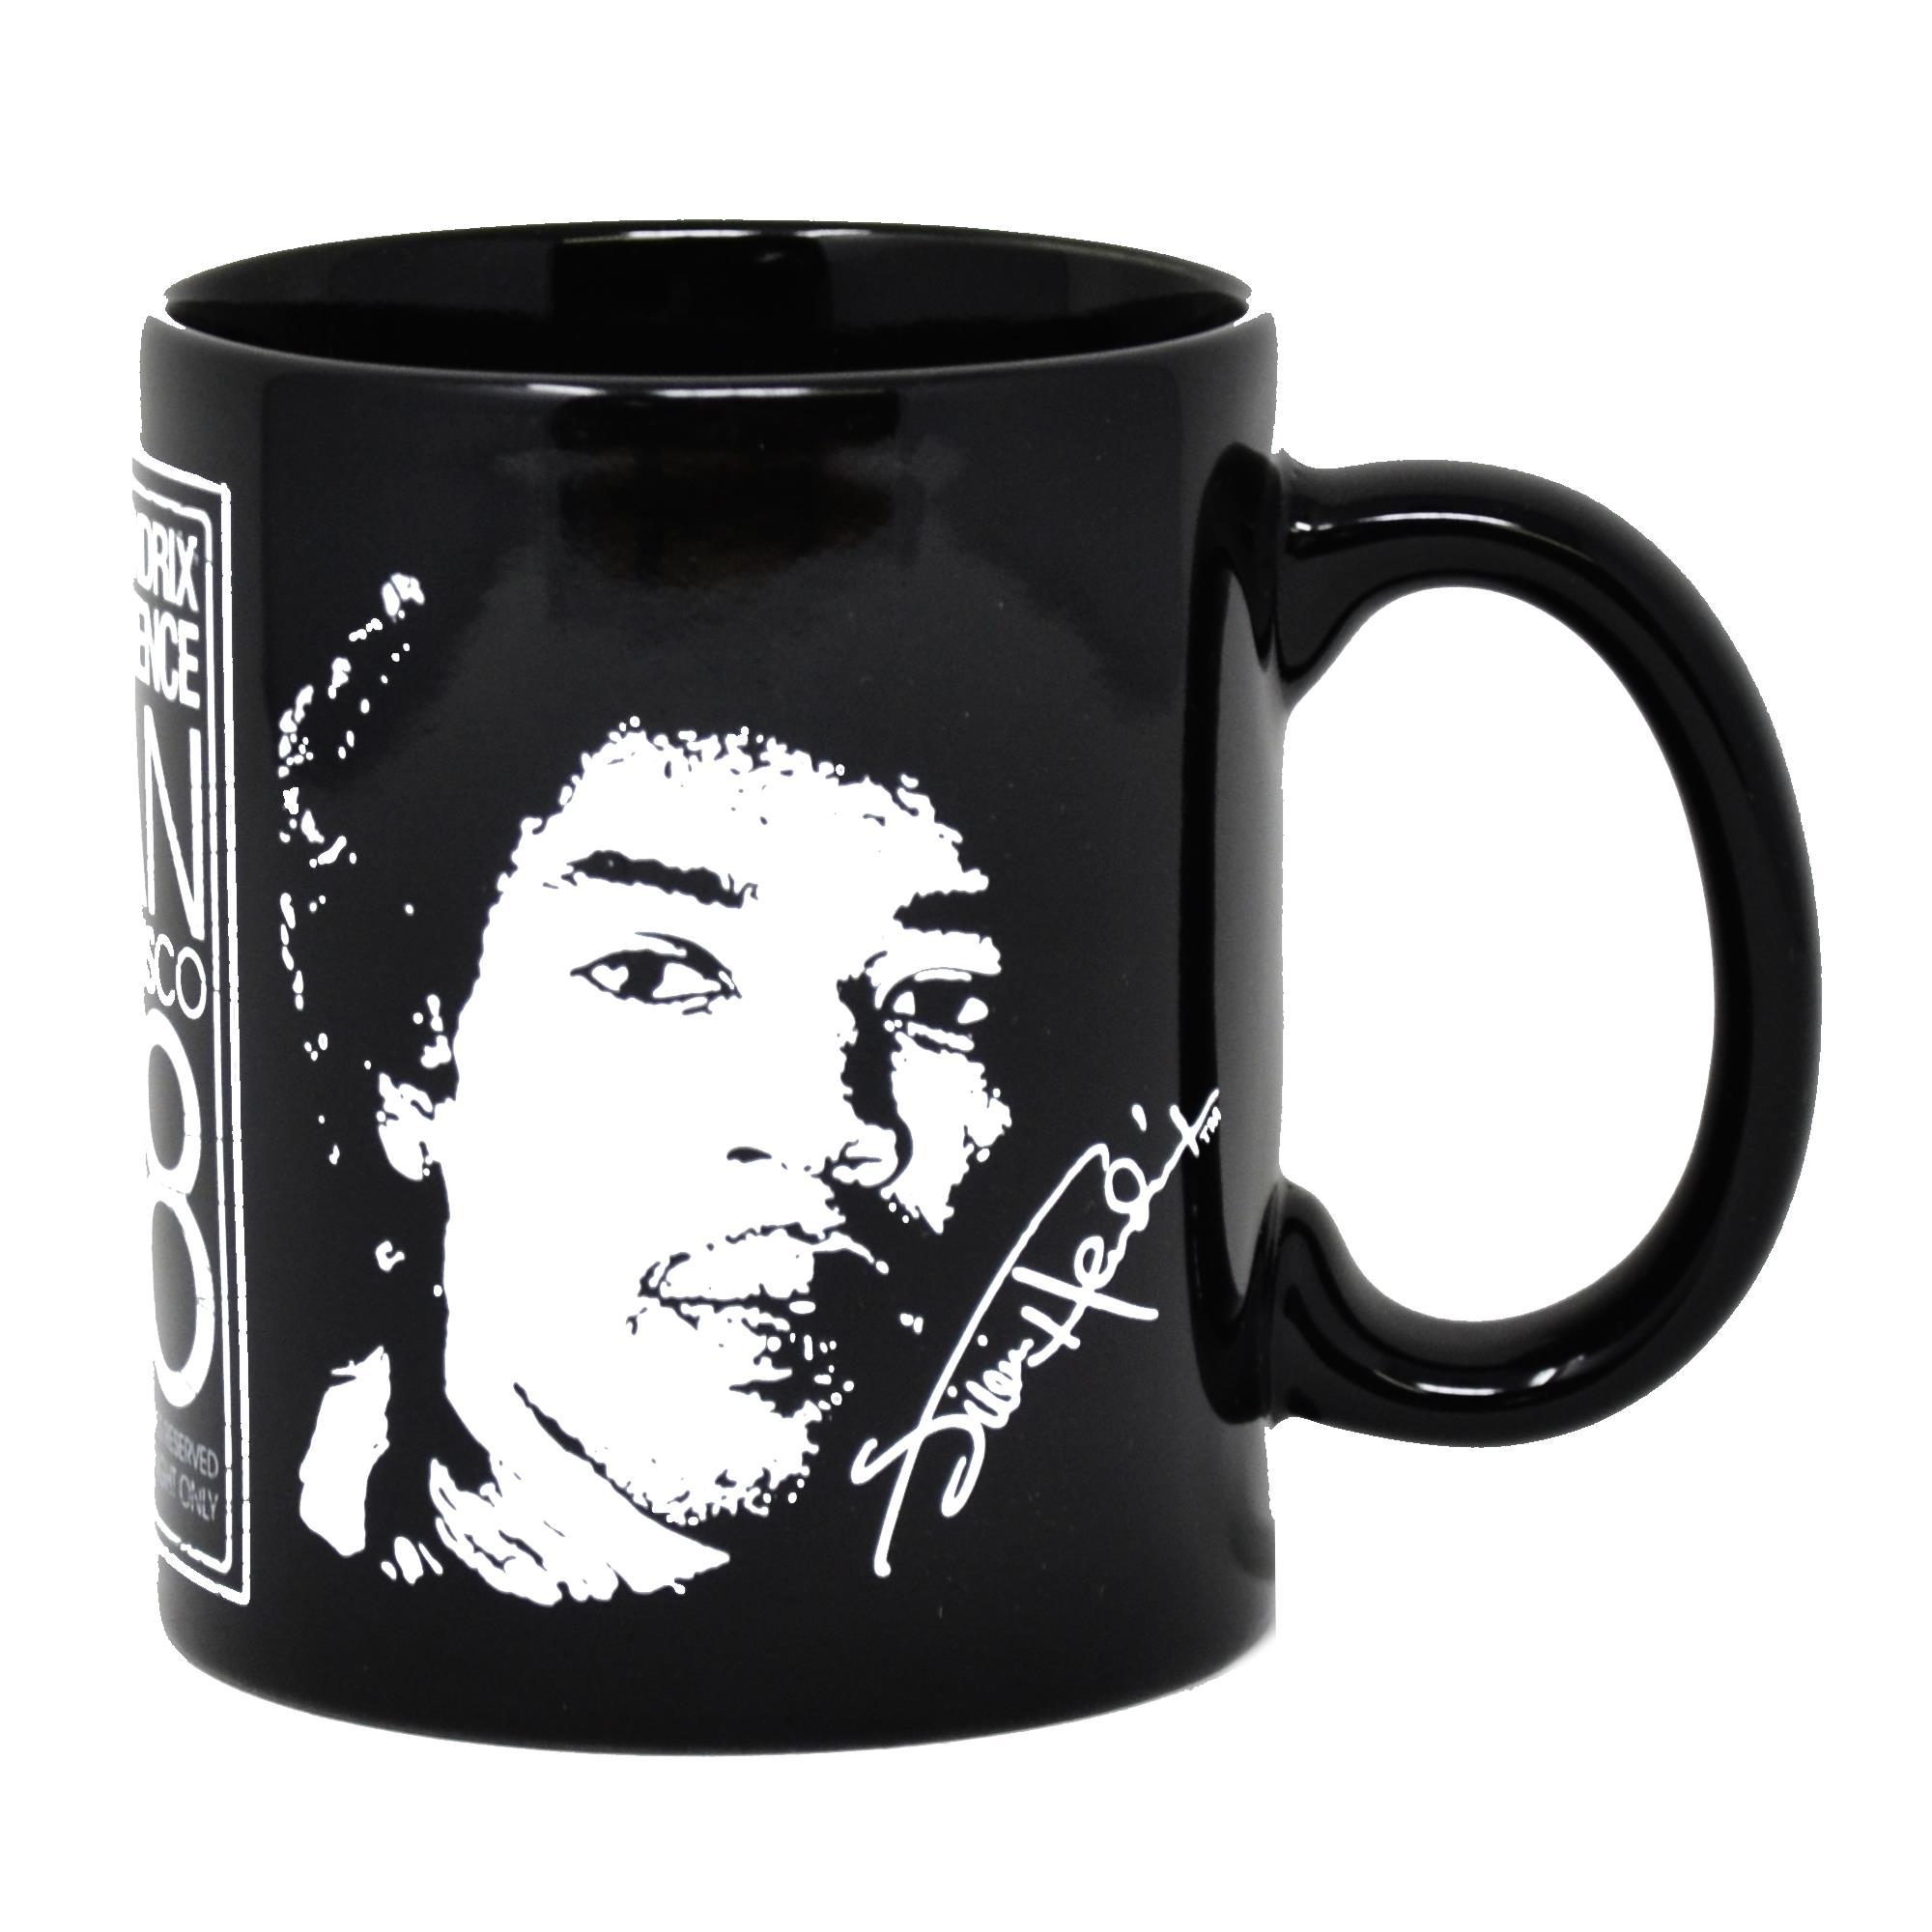 San Francisco 68 Mug